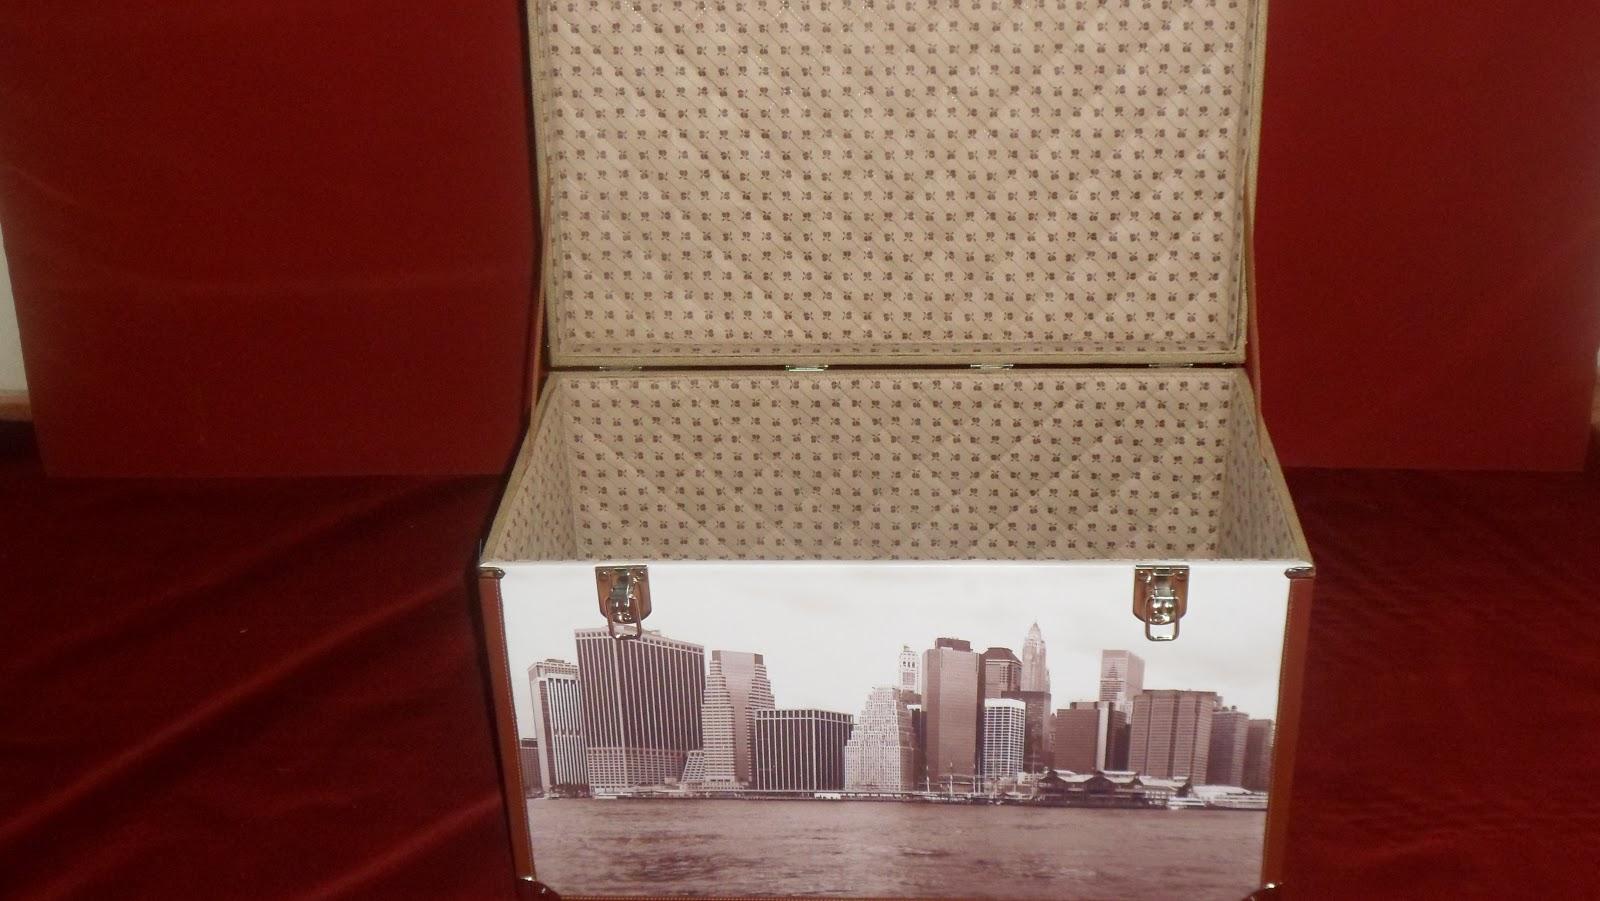 Raballi baules decorativos a medida y personalizados - Baules decorativos ...